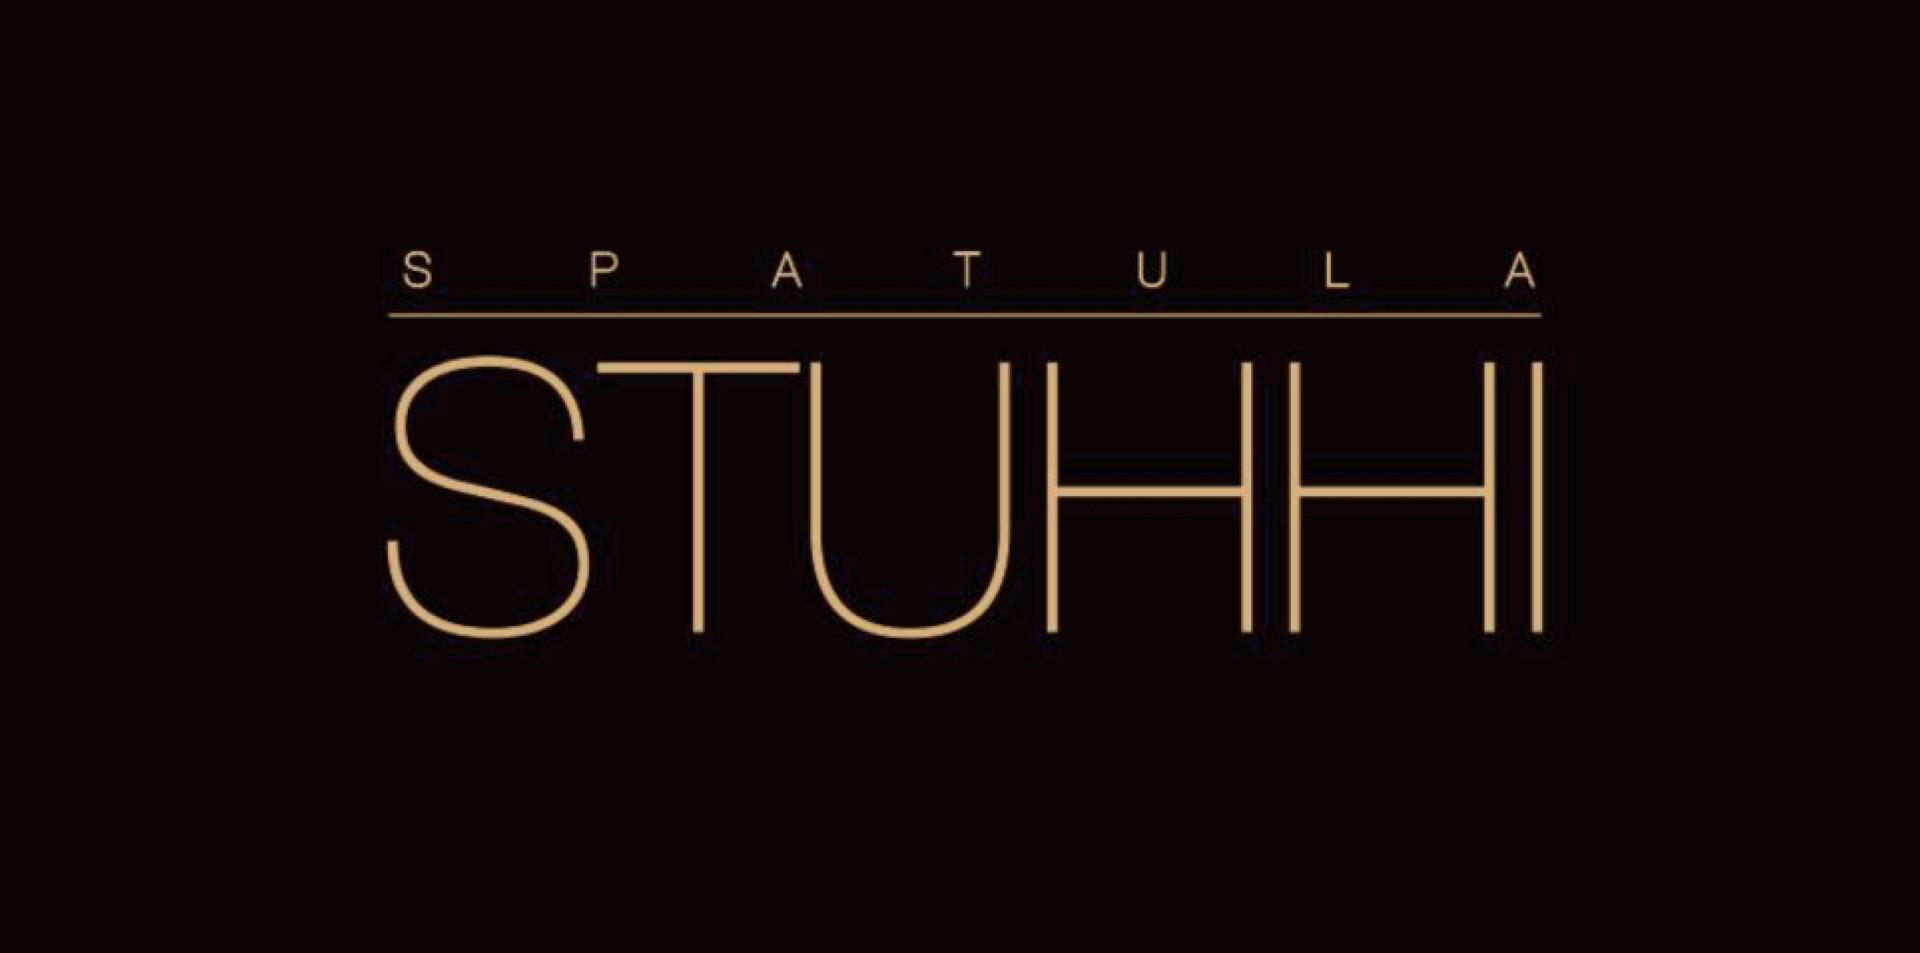 Spatula-Stuhhi.jpg